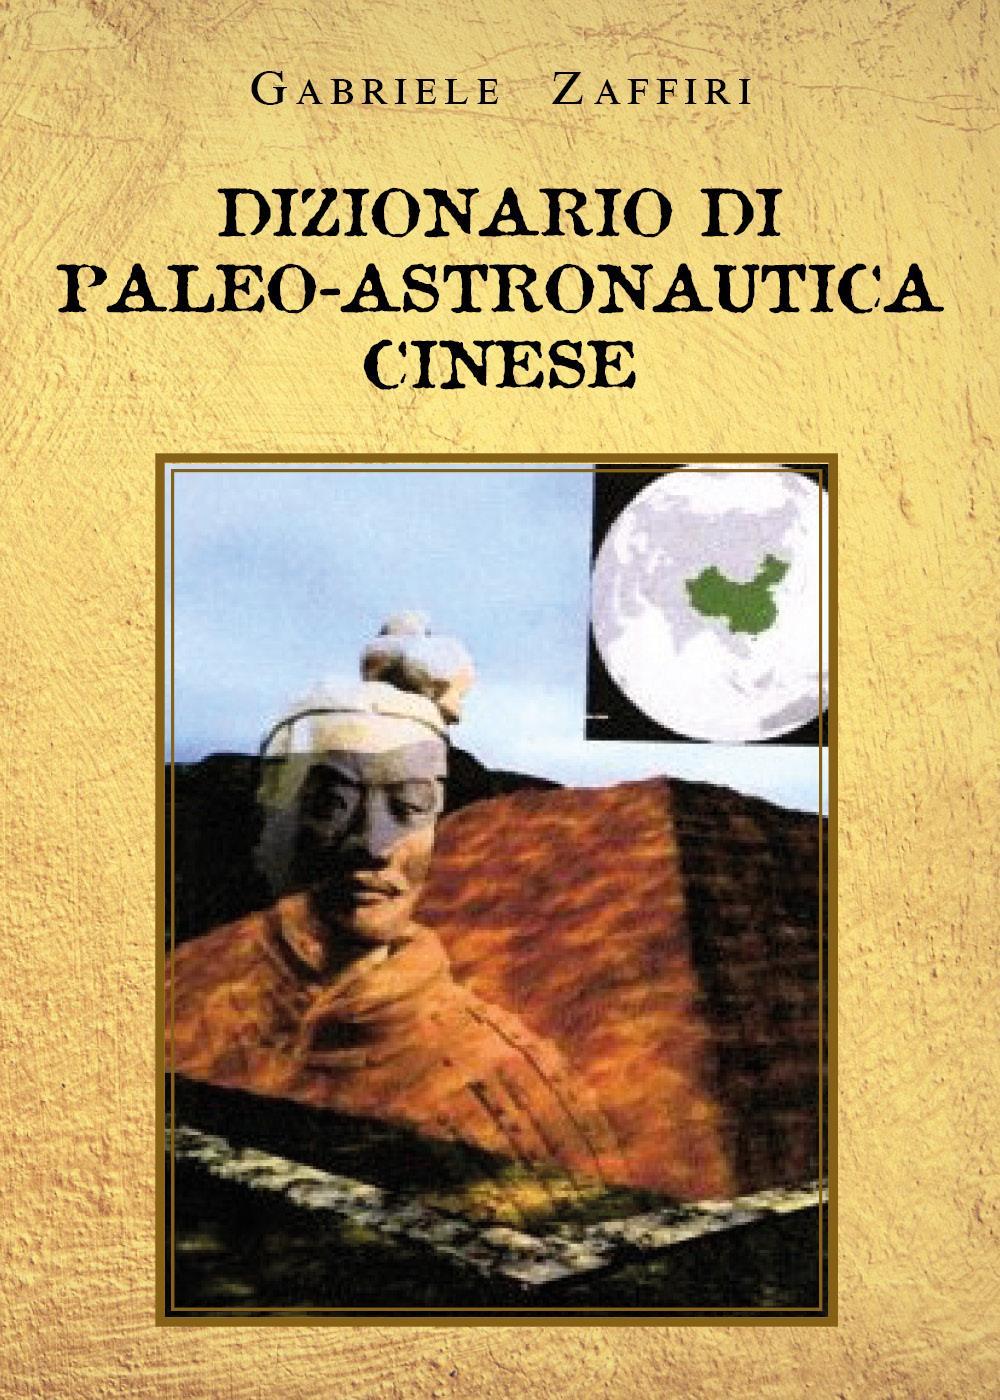 Dizionario di Paleo-Astronautica cinese